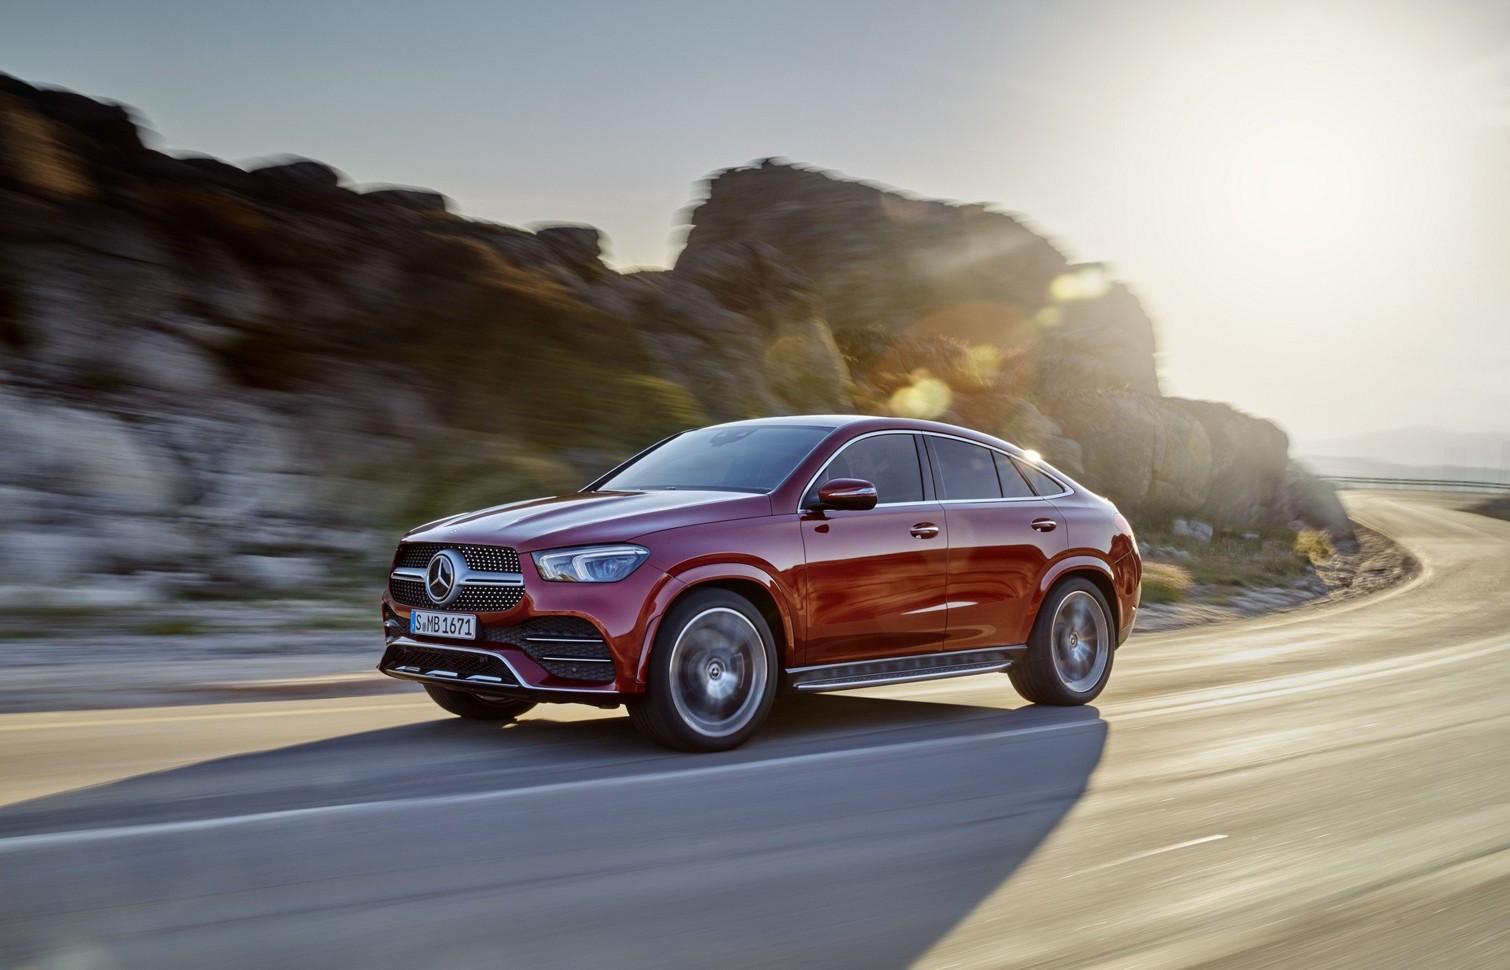 Немецкий бренд официально анонсировал дебют нового поколения кросса Mercedes-Benz GLE Coupe